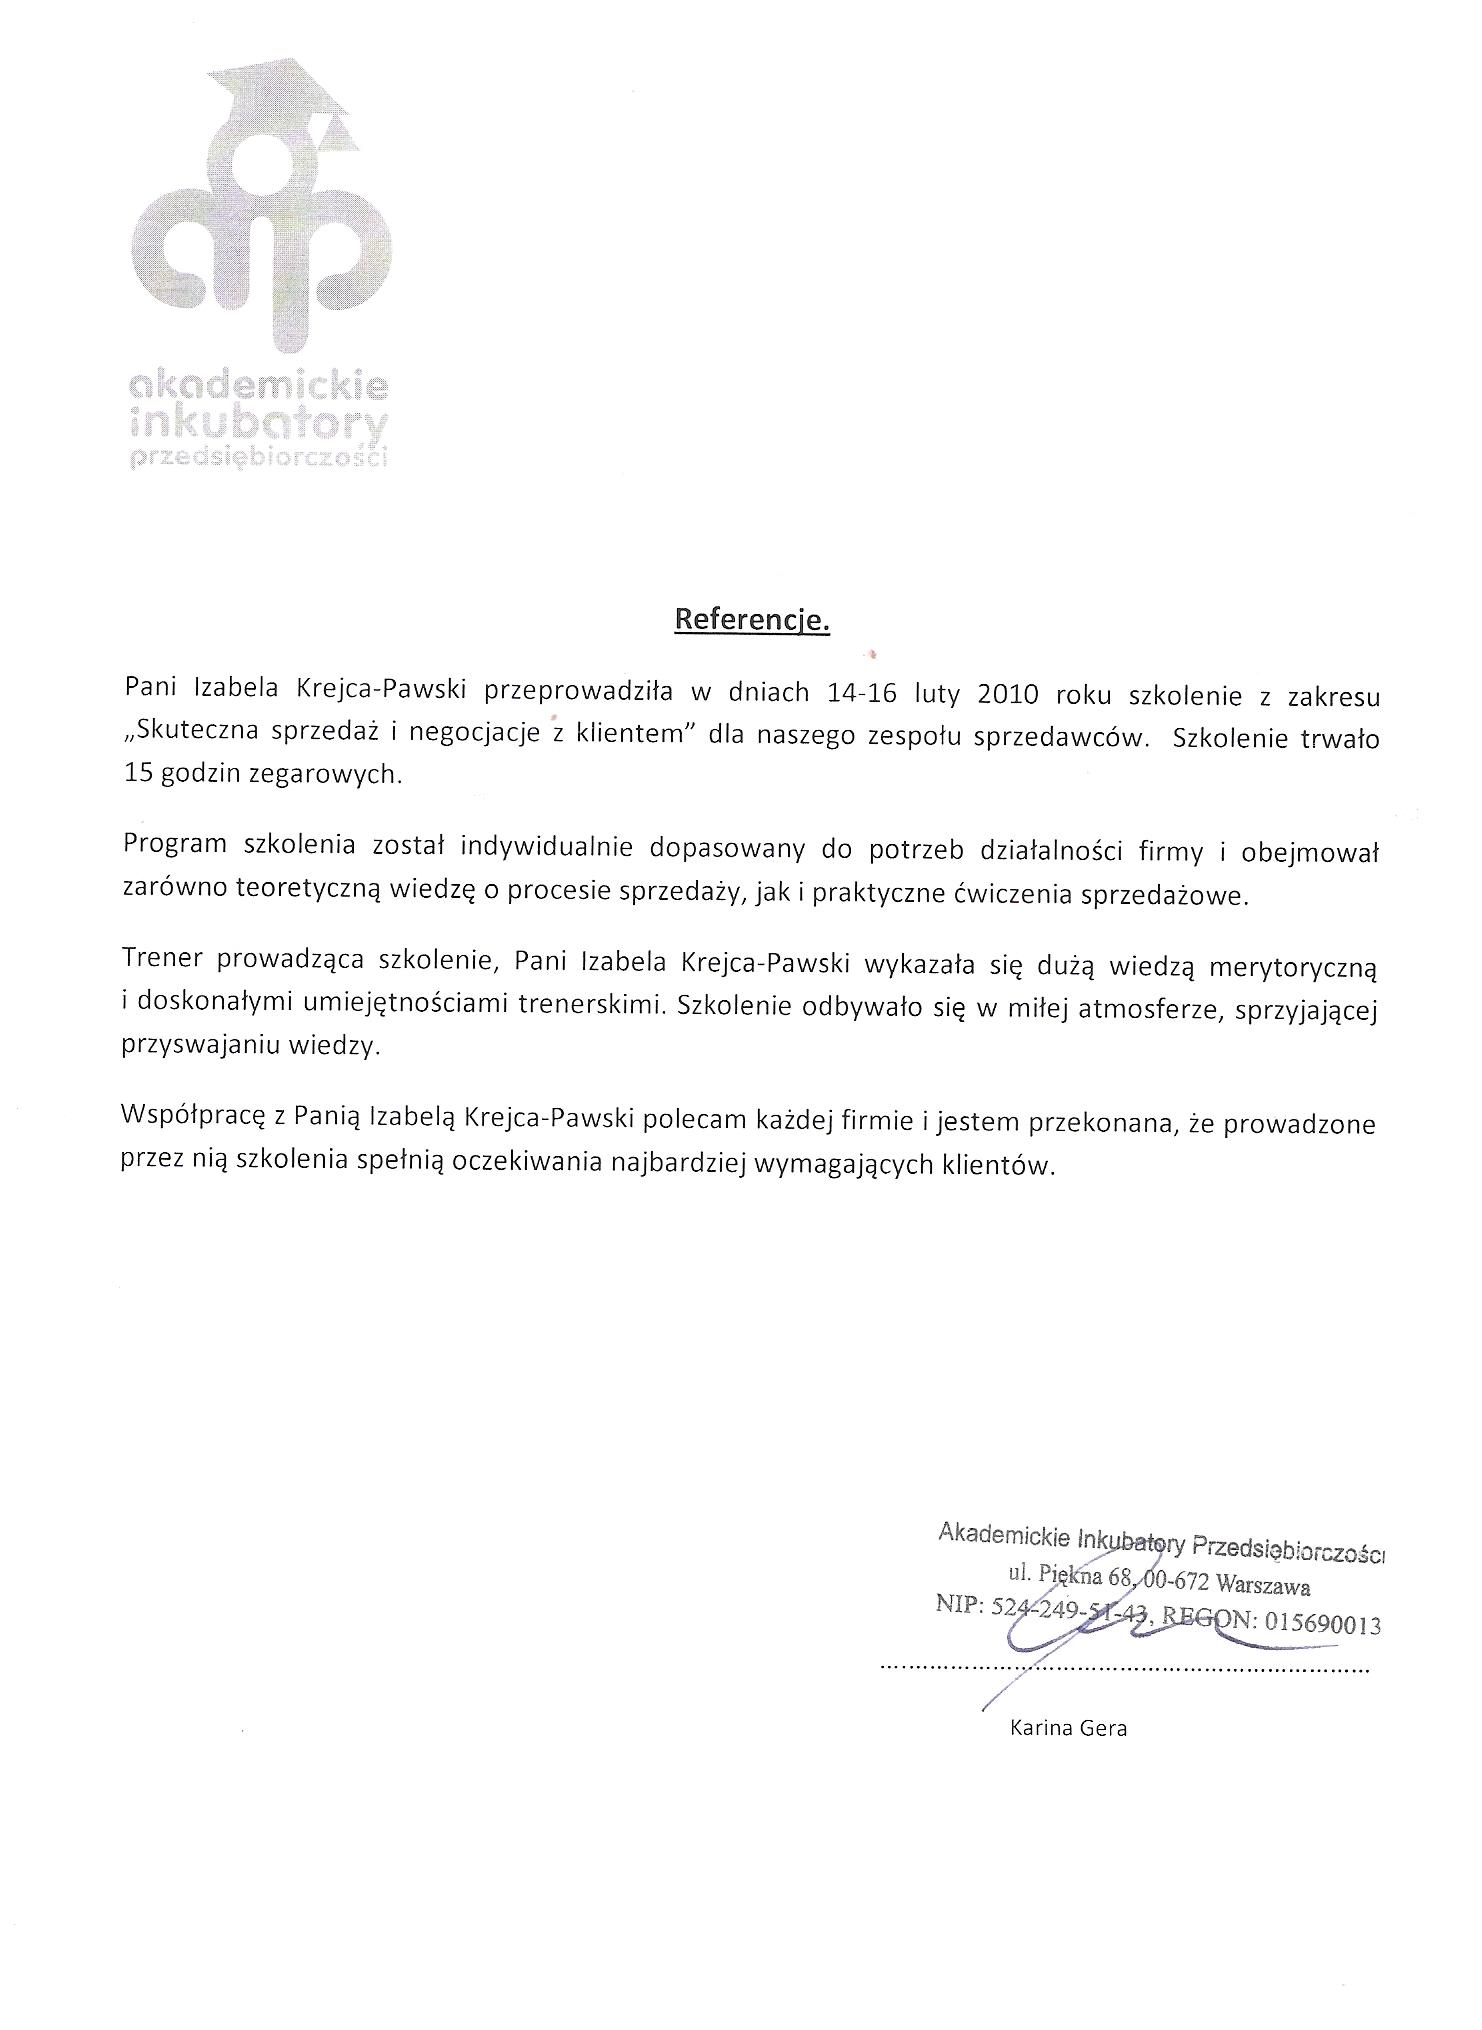 Referencje szkolenia dla AIP 2010r.